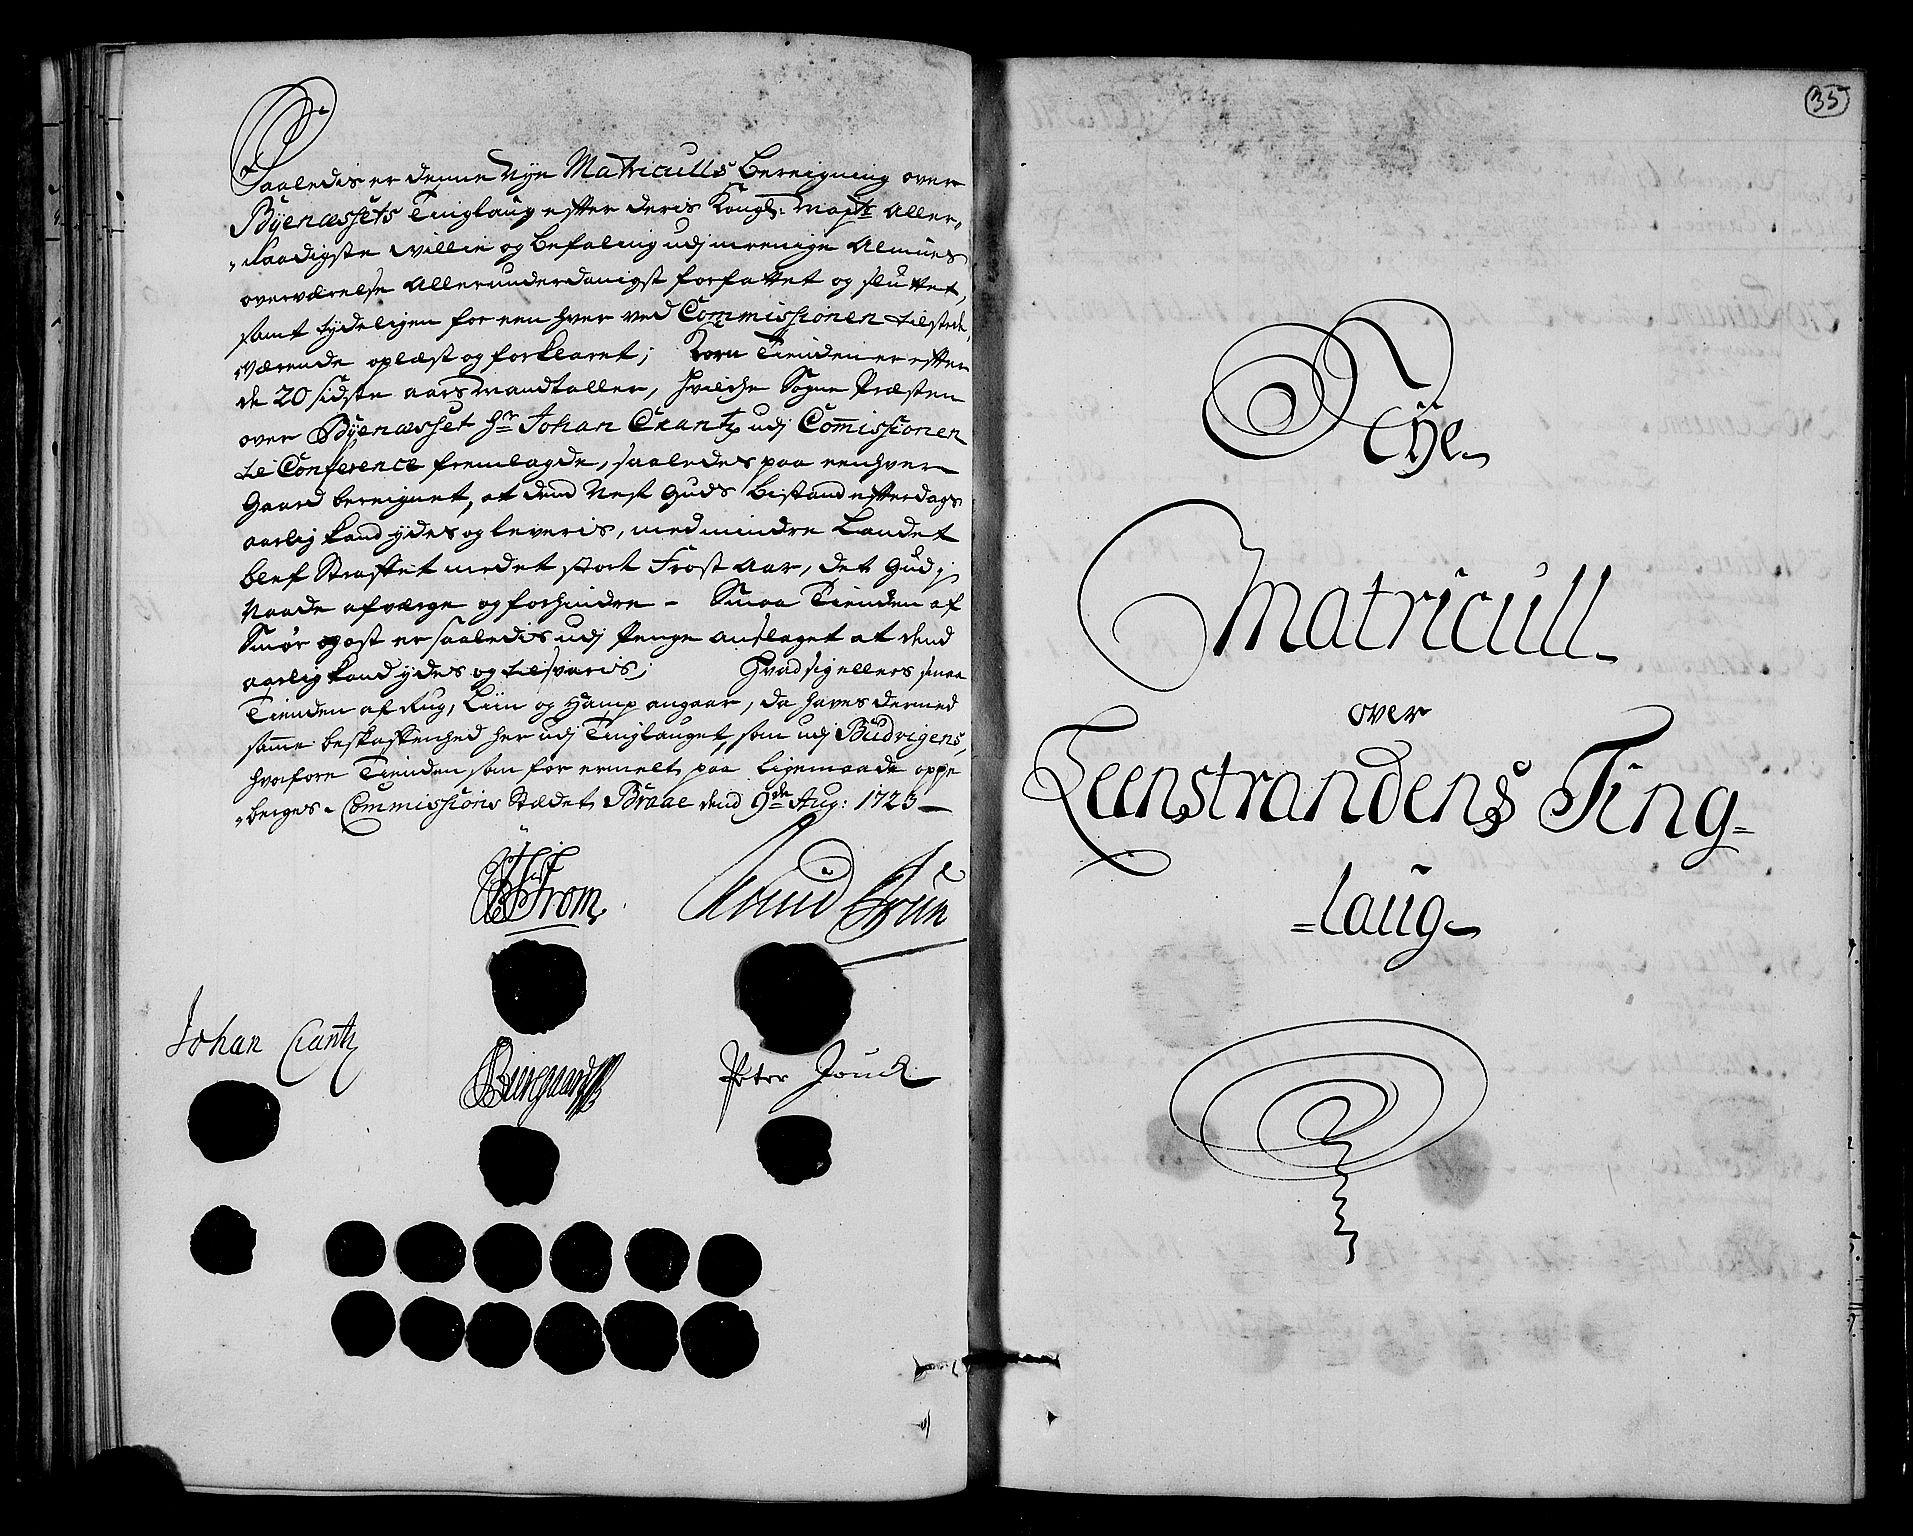 RA, Rentekammeret inntil 1814, Realistisk ordnet avdeling, N/Nb/Nbf/L0161: Strinda og Selbu matrikkelprotokoll, 1723, s. 34b-35a